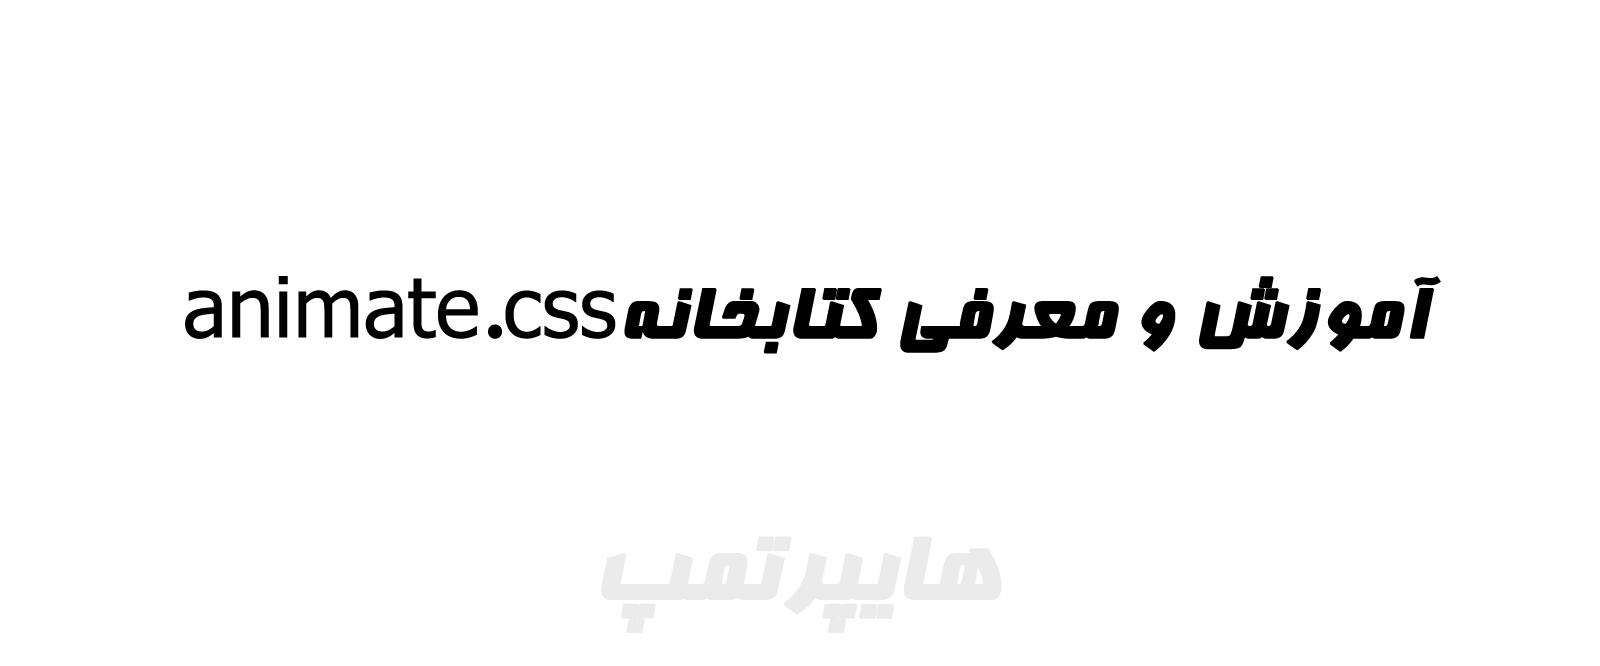 آموزش و معرفی کتابخانه animate.css